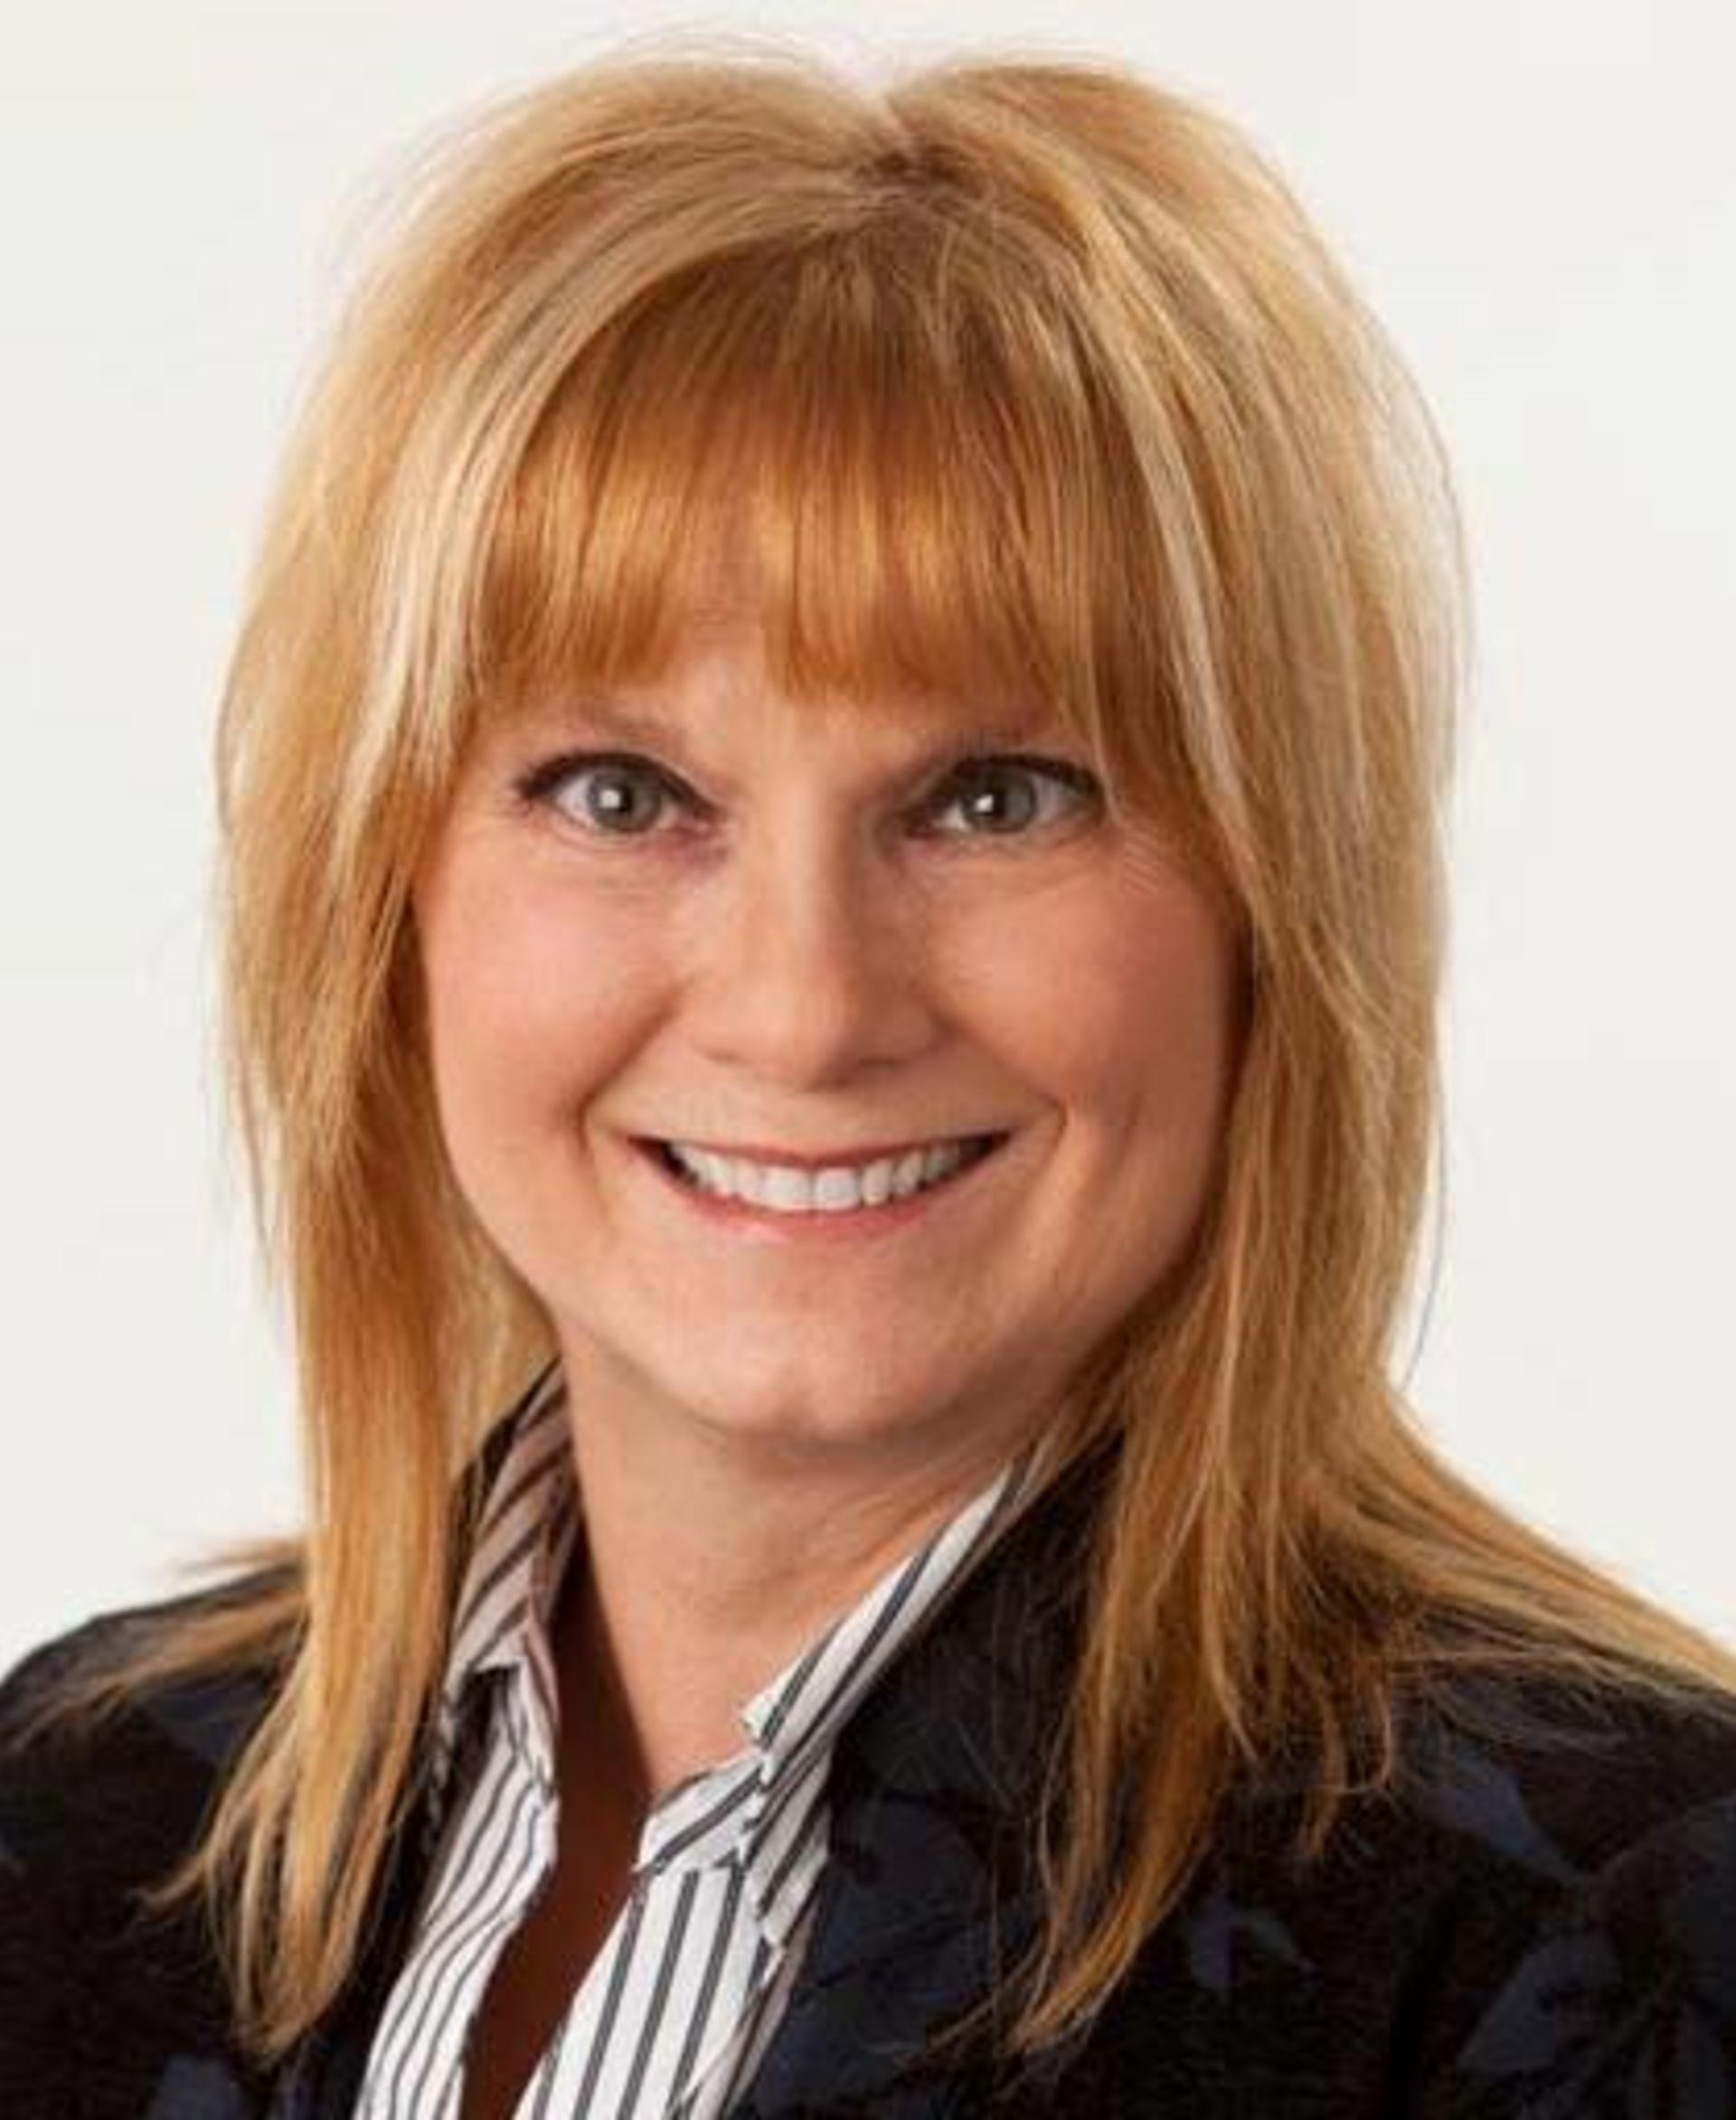 Susan Flick